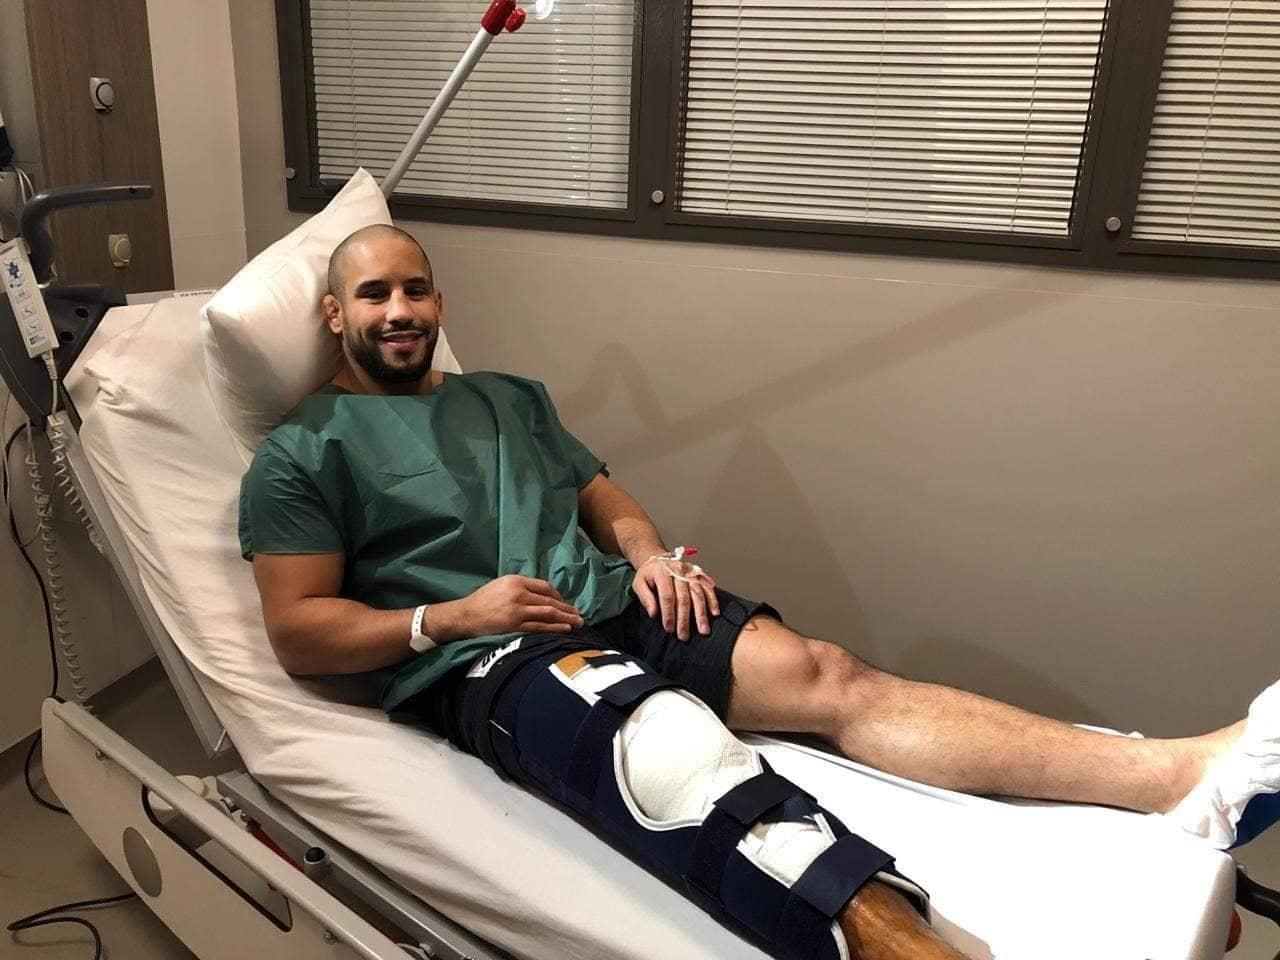 """المقاتل الريفي """"أبو زعيتر"""" يزف أخبارا سيئة لمحبيه بخصوص حالته الصحية"""